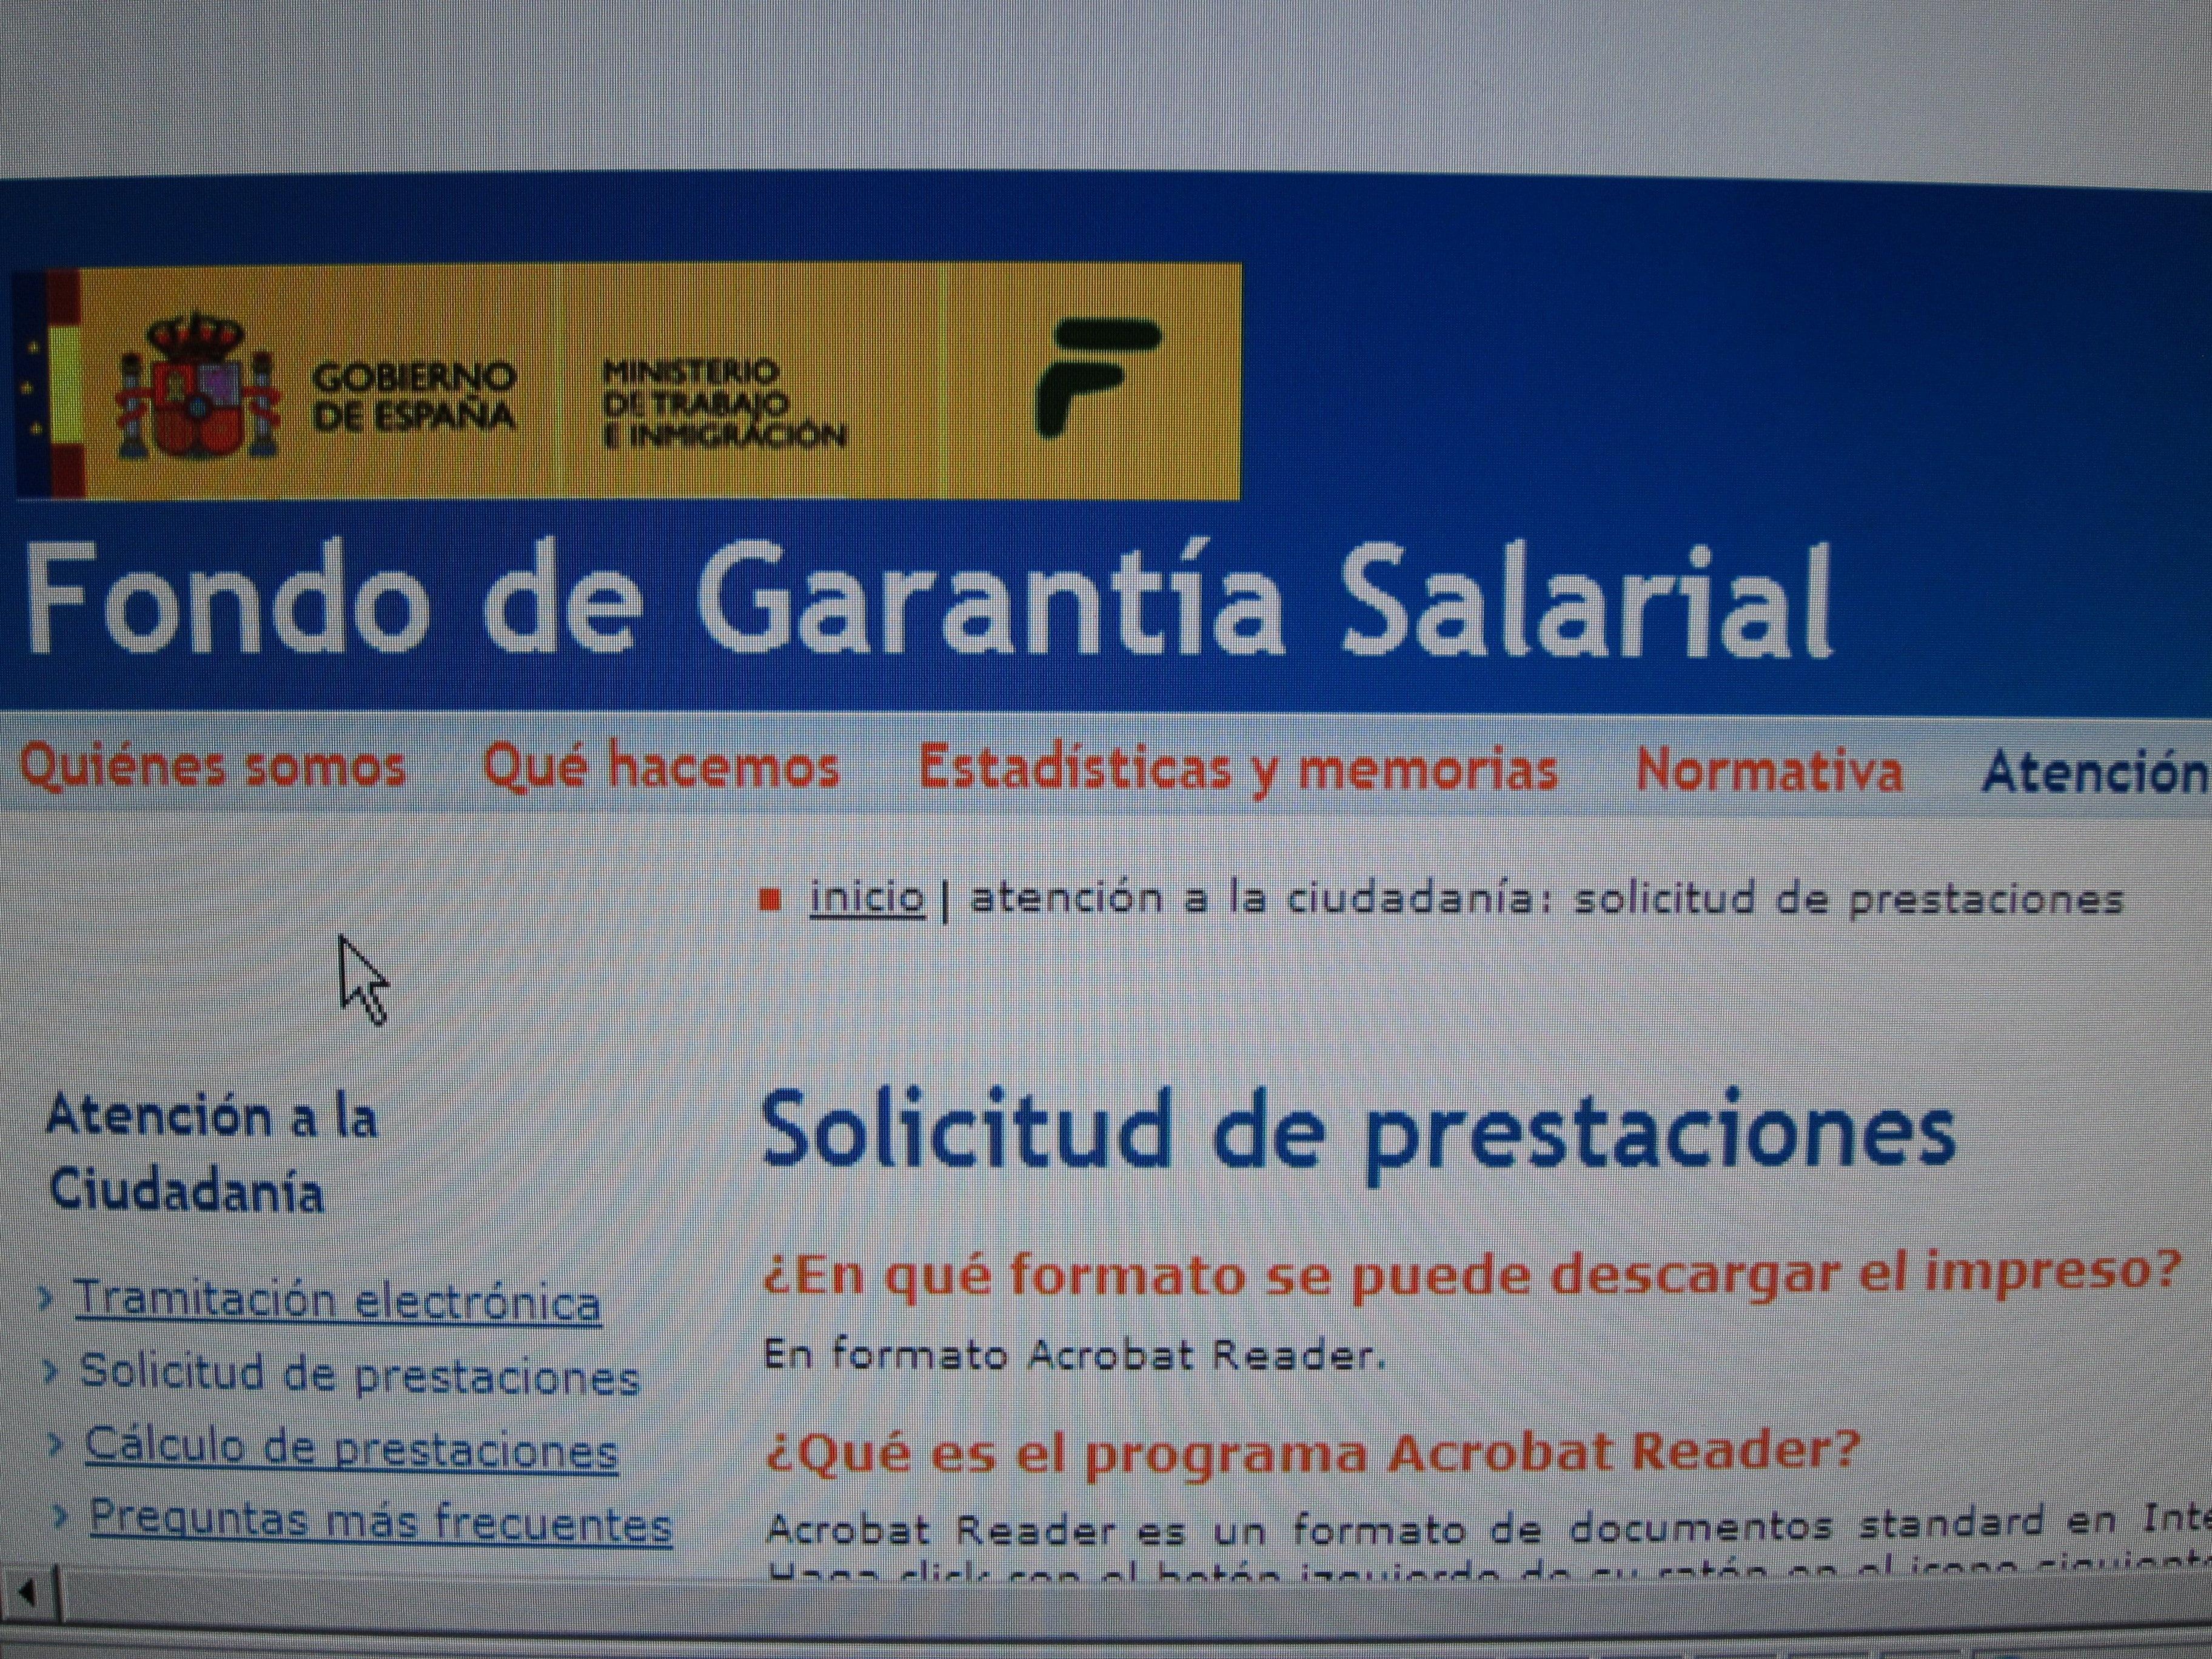 El gasto del Fogasa se sitúa en 15,9 millones en la Región de Murcia, la sexta menor cantidad por CCAA